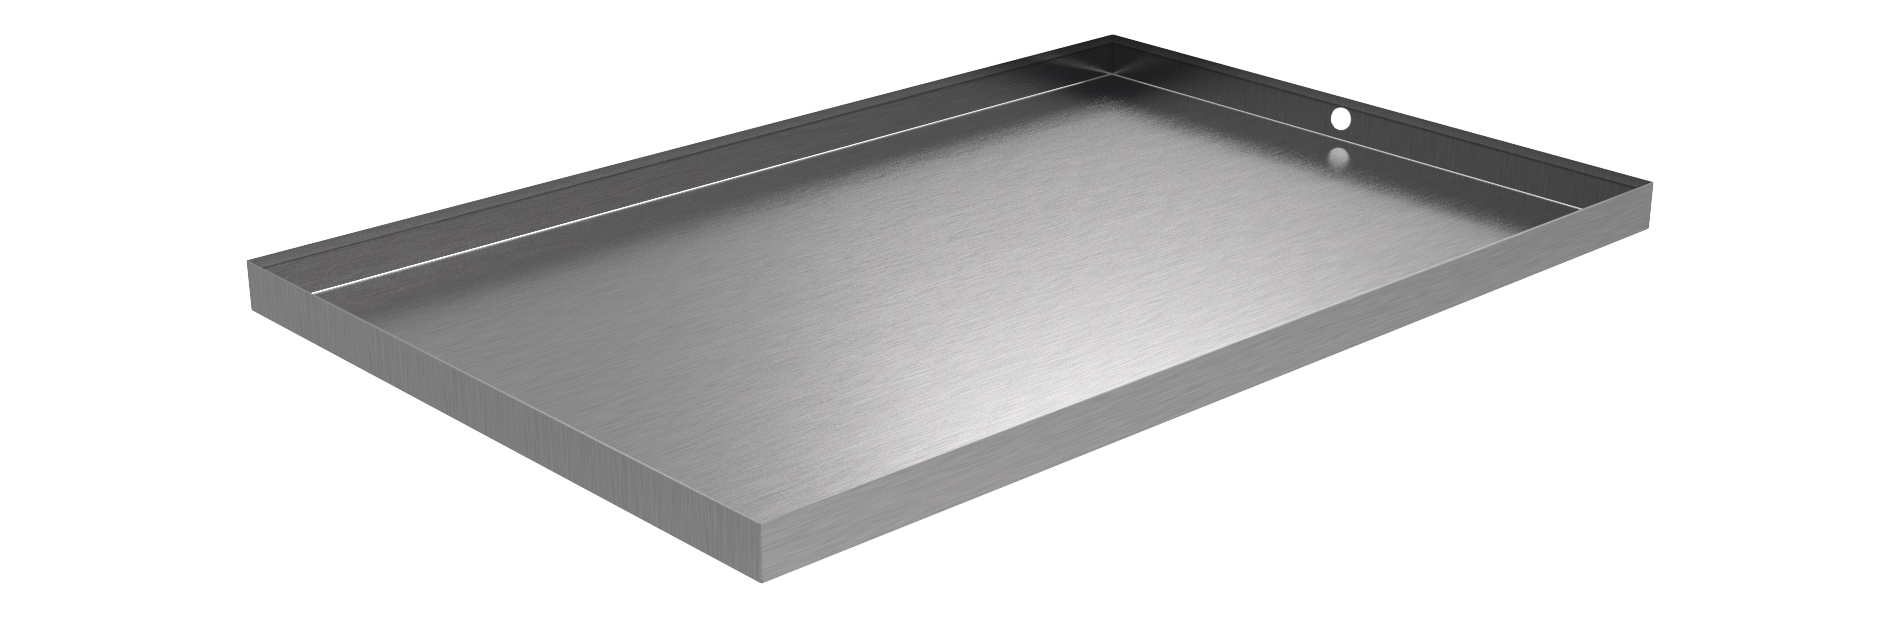 Drain Pan Design